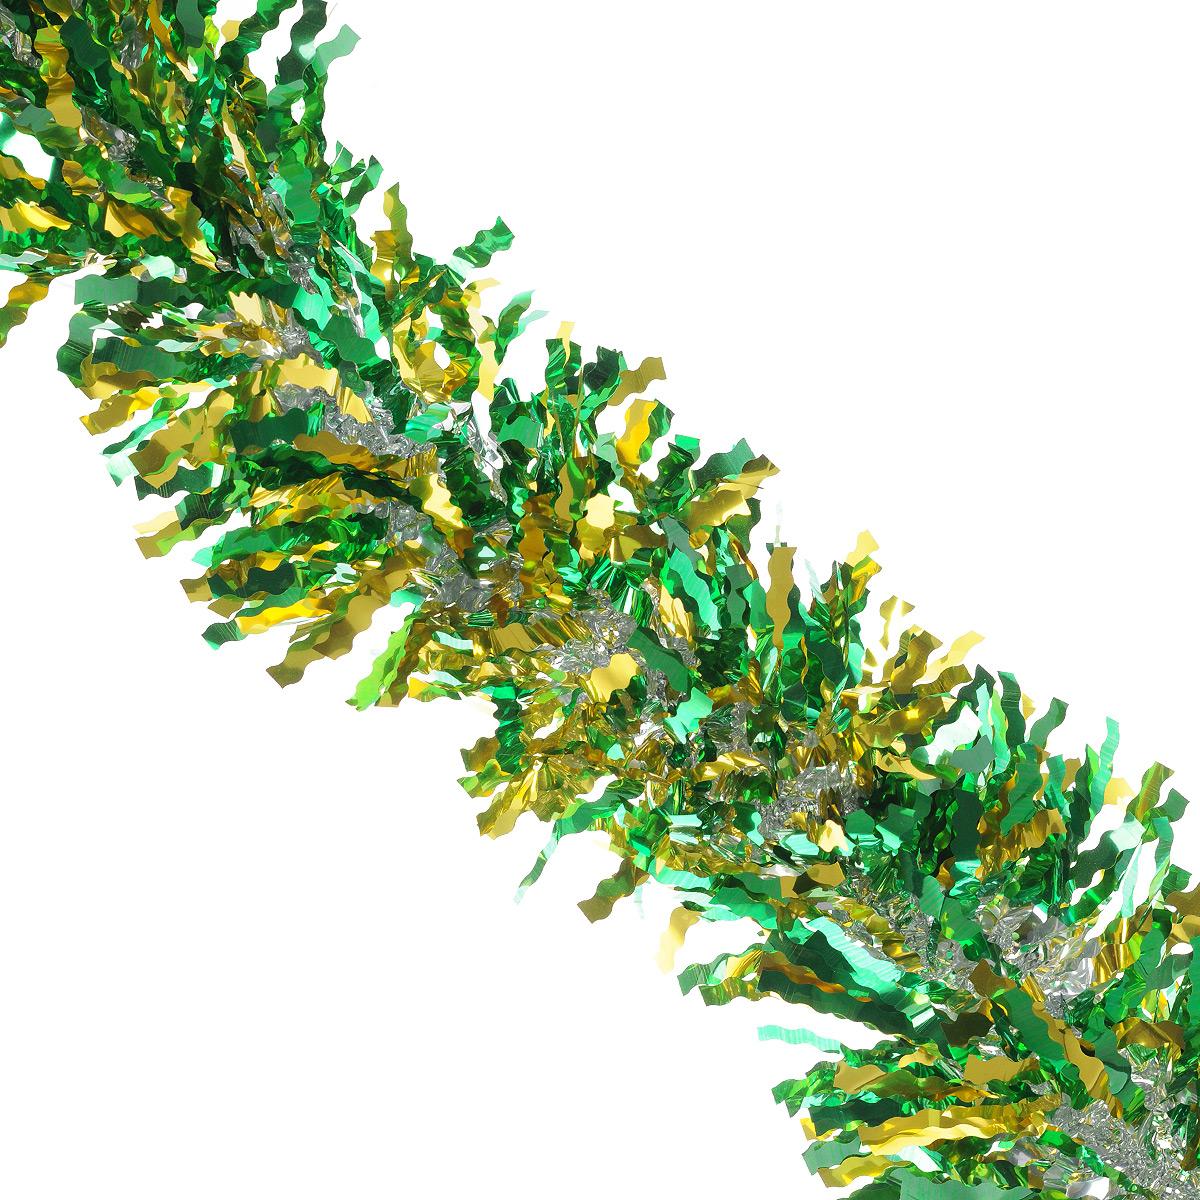 Мишура новогодняя Sima-land, цвет: золотистый, зеленый, диаметр 13 см, длина 2 м. 825987825987Новогодняя мишура Sima-land, выполненная из фольги, поможет вам украсить свой дом к предстоящим праздникам. А новогодняя елка с таким украшением станет еще наряднее. Мишура армирована, то есть имеет проволоку внутри и способна сохранять приданную ей форму. Новогодней мишурой можно украсить все, что угодно - елку, квартиру, дачу, офис - как внутри, так и снаружи. Можно сложить новогодние поздравления, буквы и цифры, мишурой можно украсить и дополнить гирлянды, можно выделить дверные колонны, оплести дверные проемы. Коллекция декоративных украшений из серии Зимнее волшебство принесет в ваш дом ни с чем несравнимое ощущение праздника! Создайте в своем доме атмосферу тепла, веселья и радости, украшая его всей семьей.